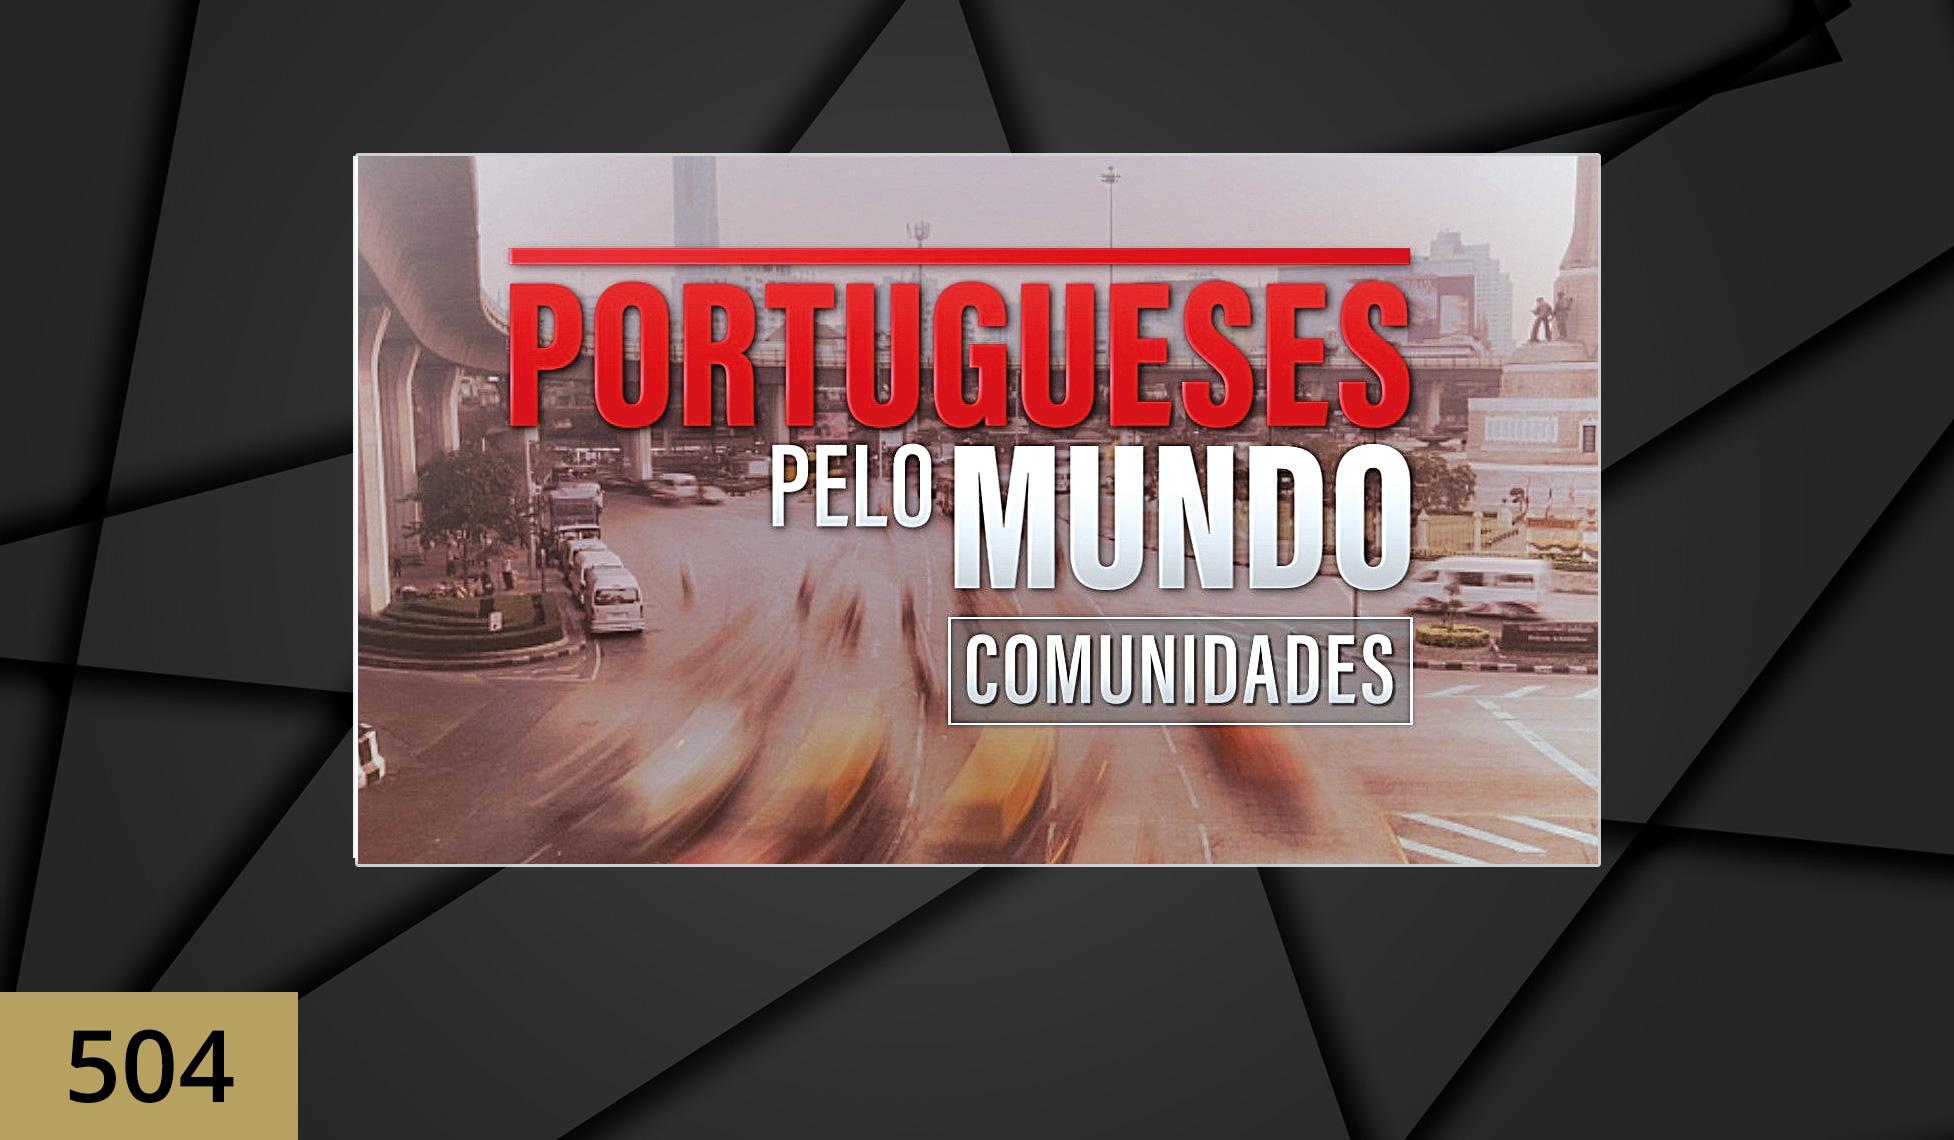 portugueses_mundo1618902909.jpg